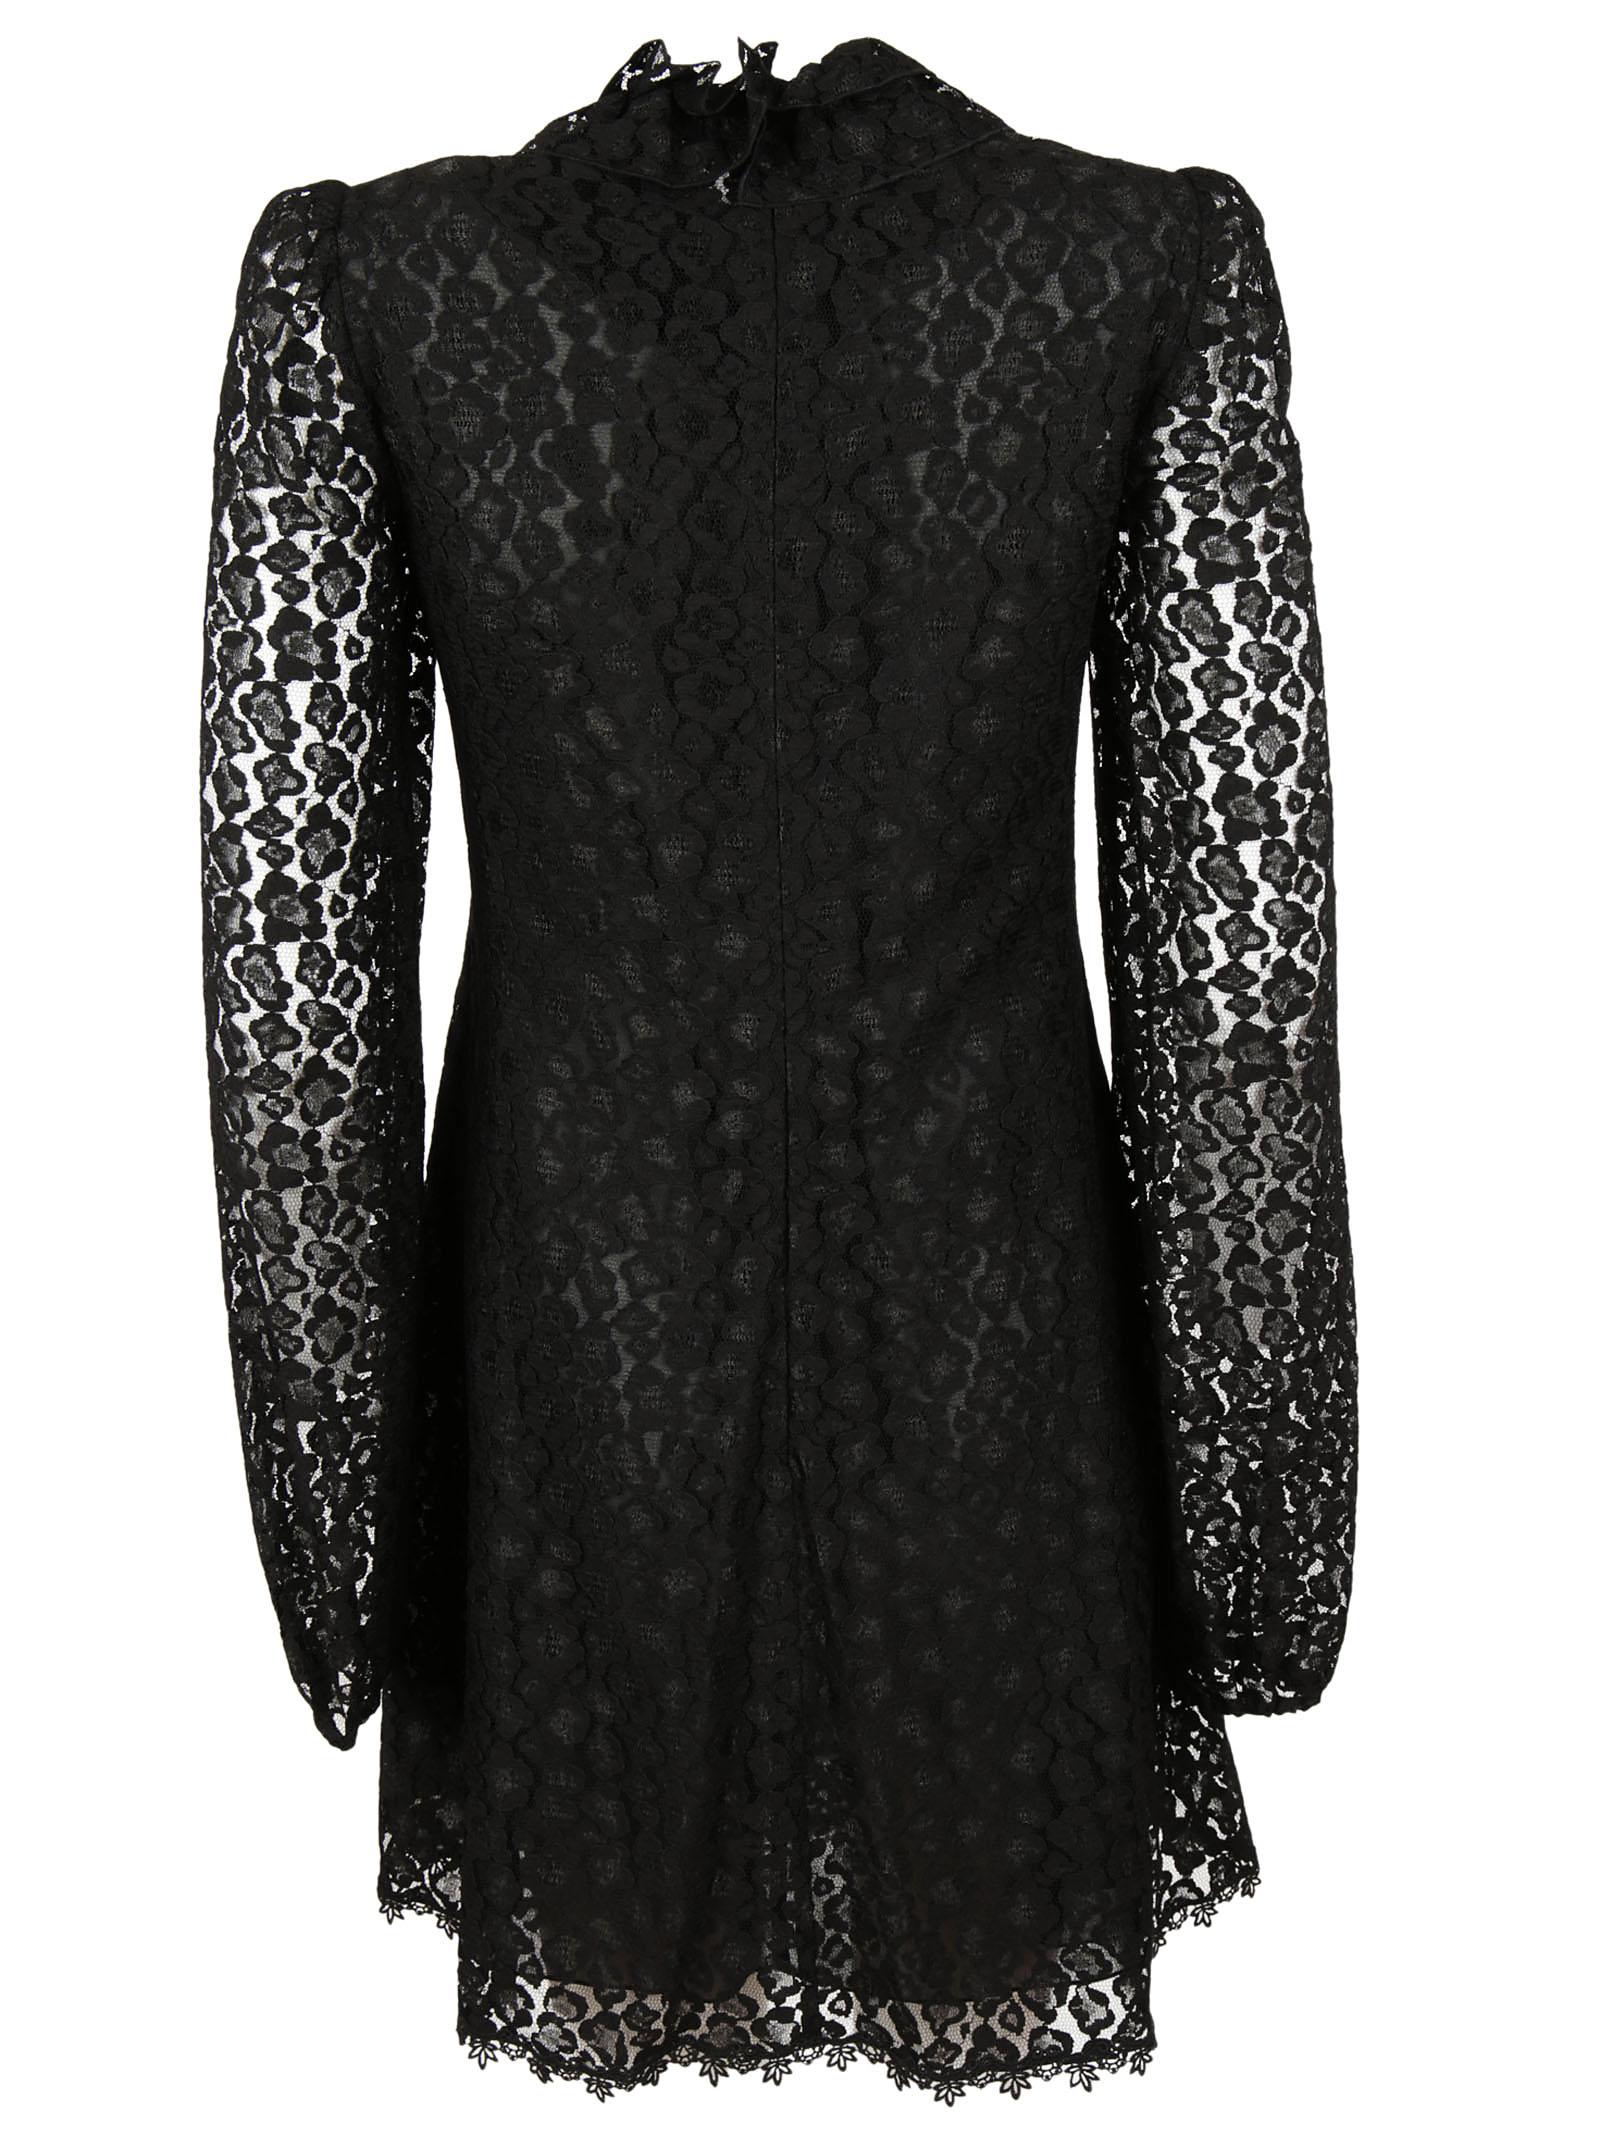 Giamba Giamba Ruffled Lace Dress